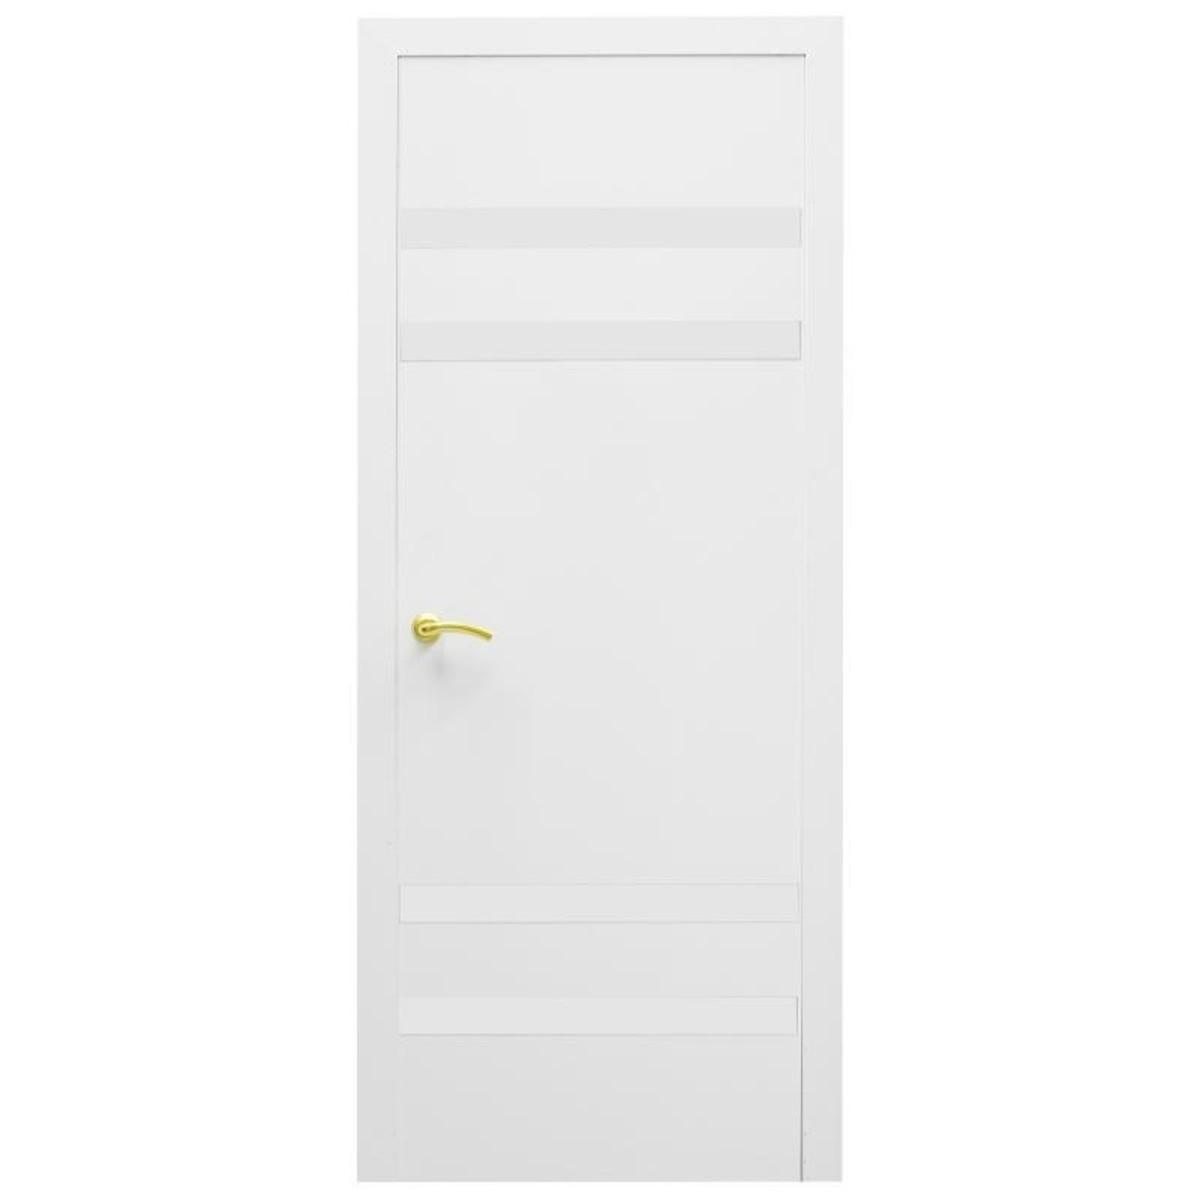 Дверь межкомнатная остеклённая Модерн 90x200 см ламинация цвет белый